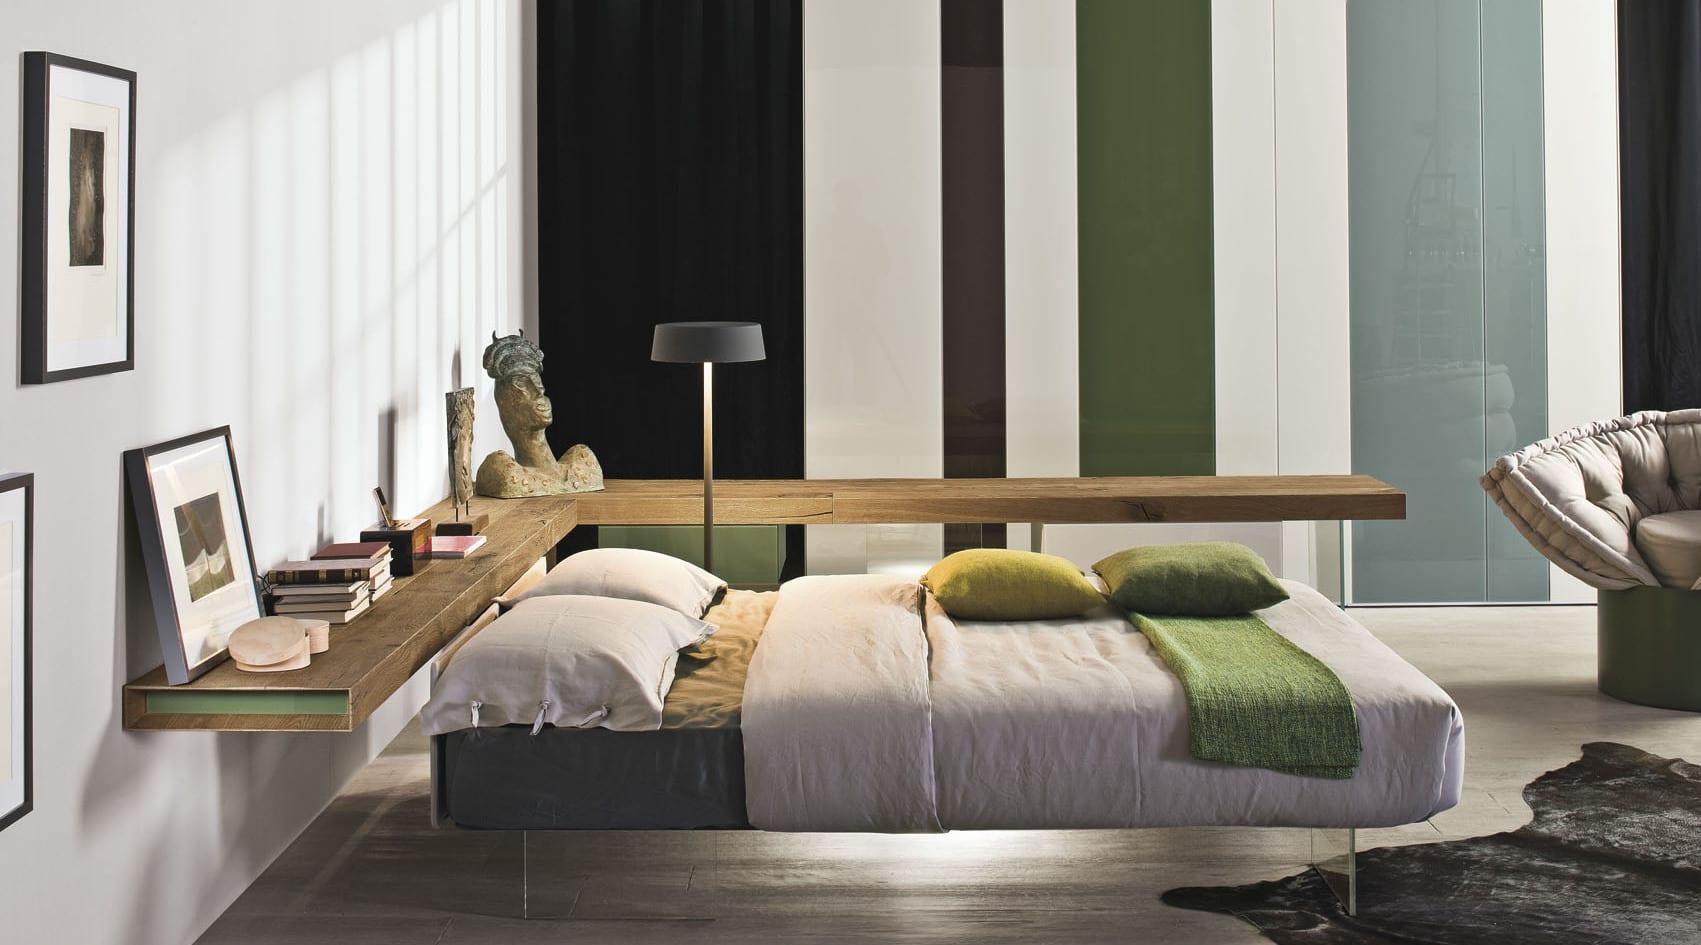 Schlafzimmer Mobel Moderne #23: Moderne Möbel Für Minimalistische Schlafzimmer Und Moderne Einrichtungsidee  Mit Wandregal Aus Holz